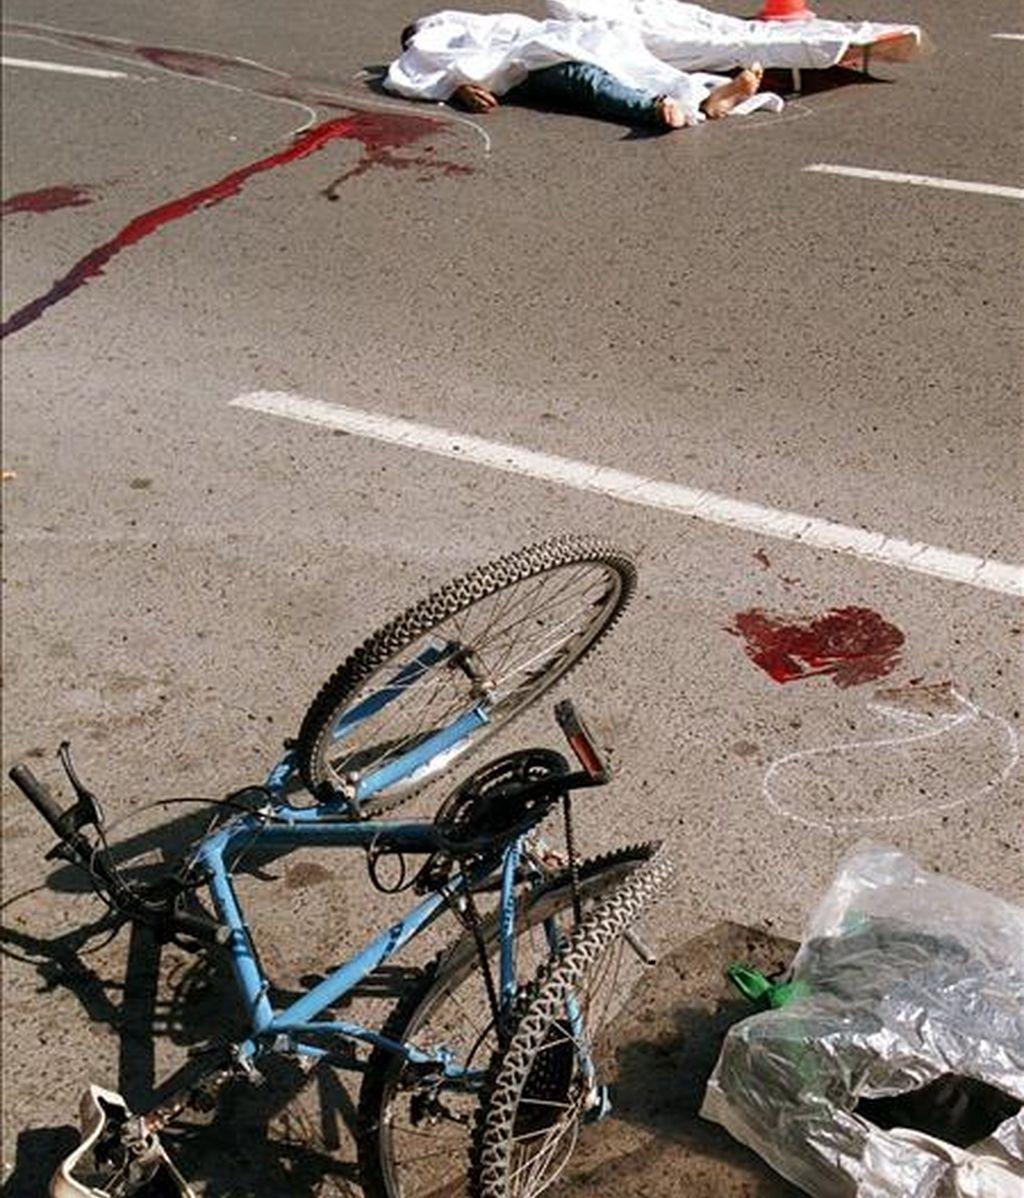 La Guardia Civil ha detenido al conductor del todoterreno que supuestamente atropelló el pasado 24 de julio a un ciclista de 20 años en el Collado de Carmona (CA-182) y que huyó del lugar sin atender al joven, natural de Ávila, que murió por las heridas que presentaba. EFE/Archivo.